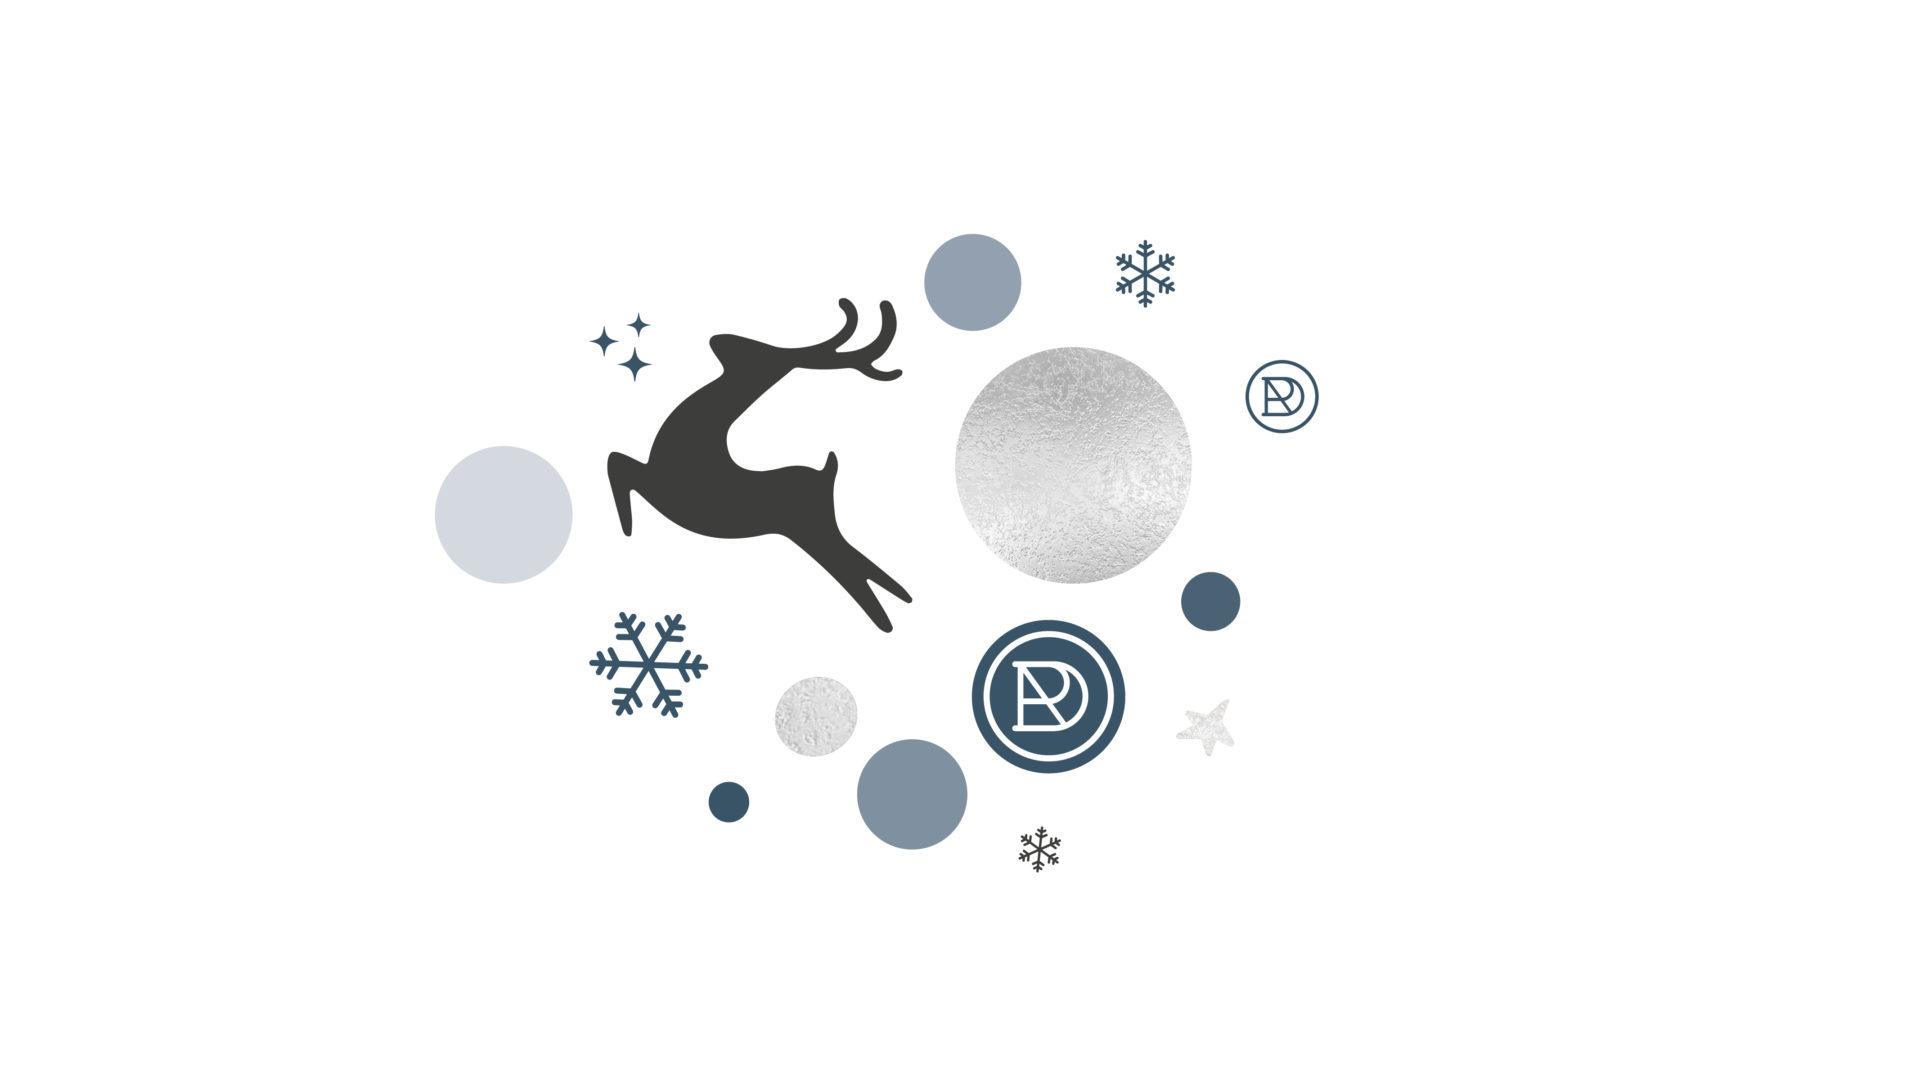 RAD Christmas Web Images-2021-Royal